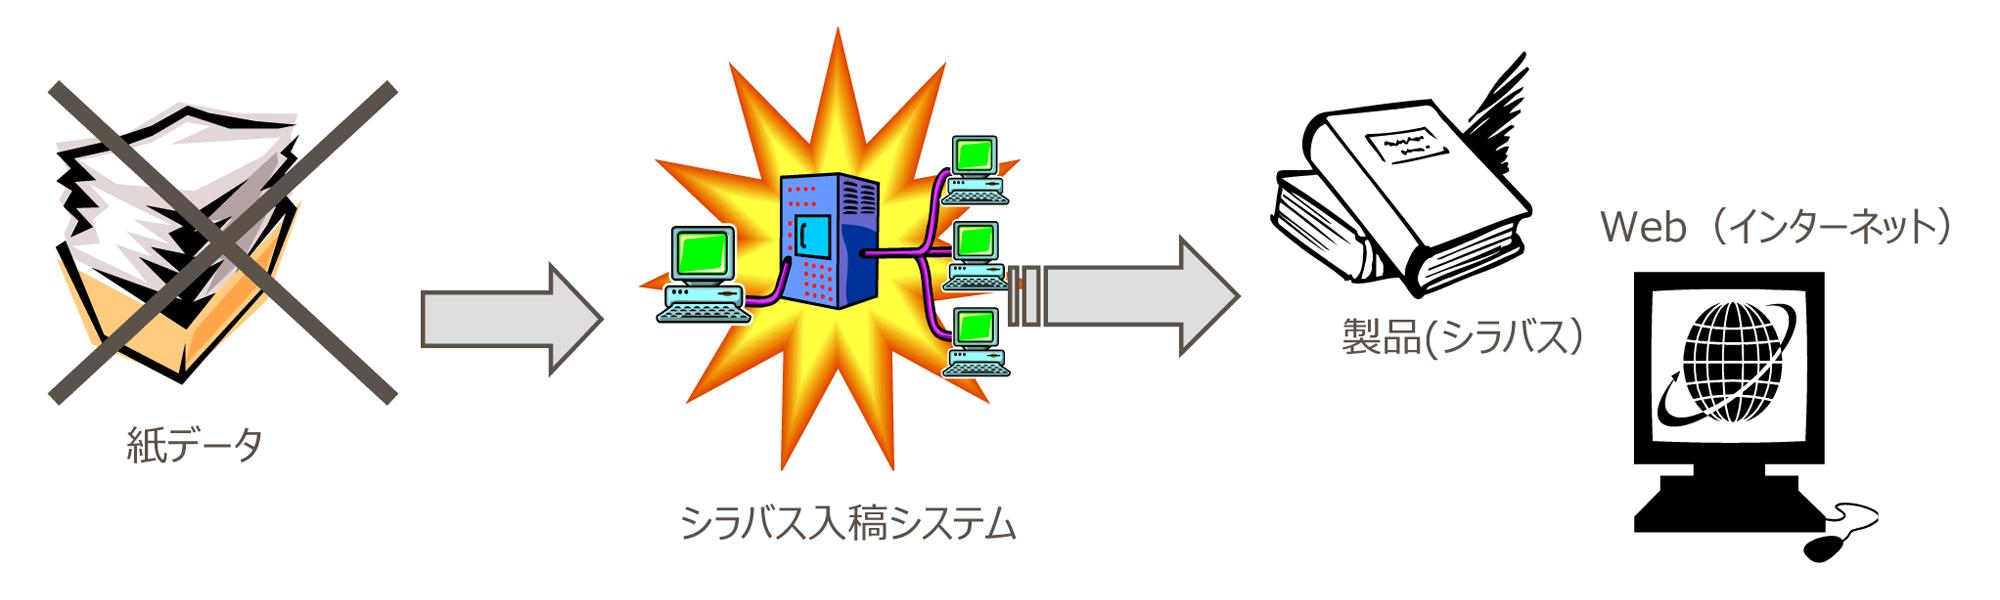 シラバスDB入力・管理システム